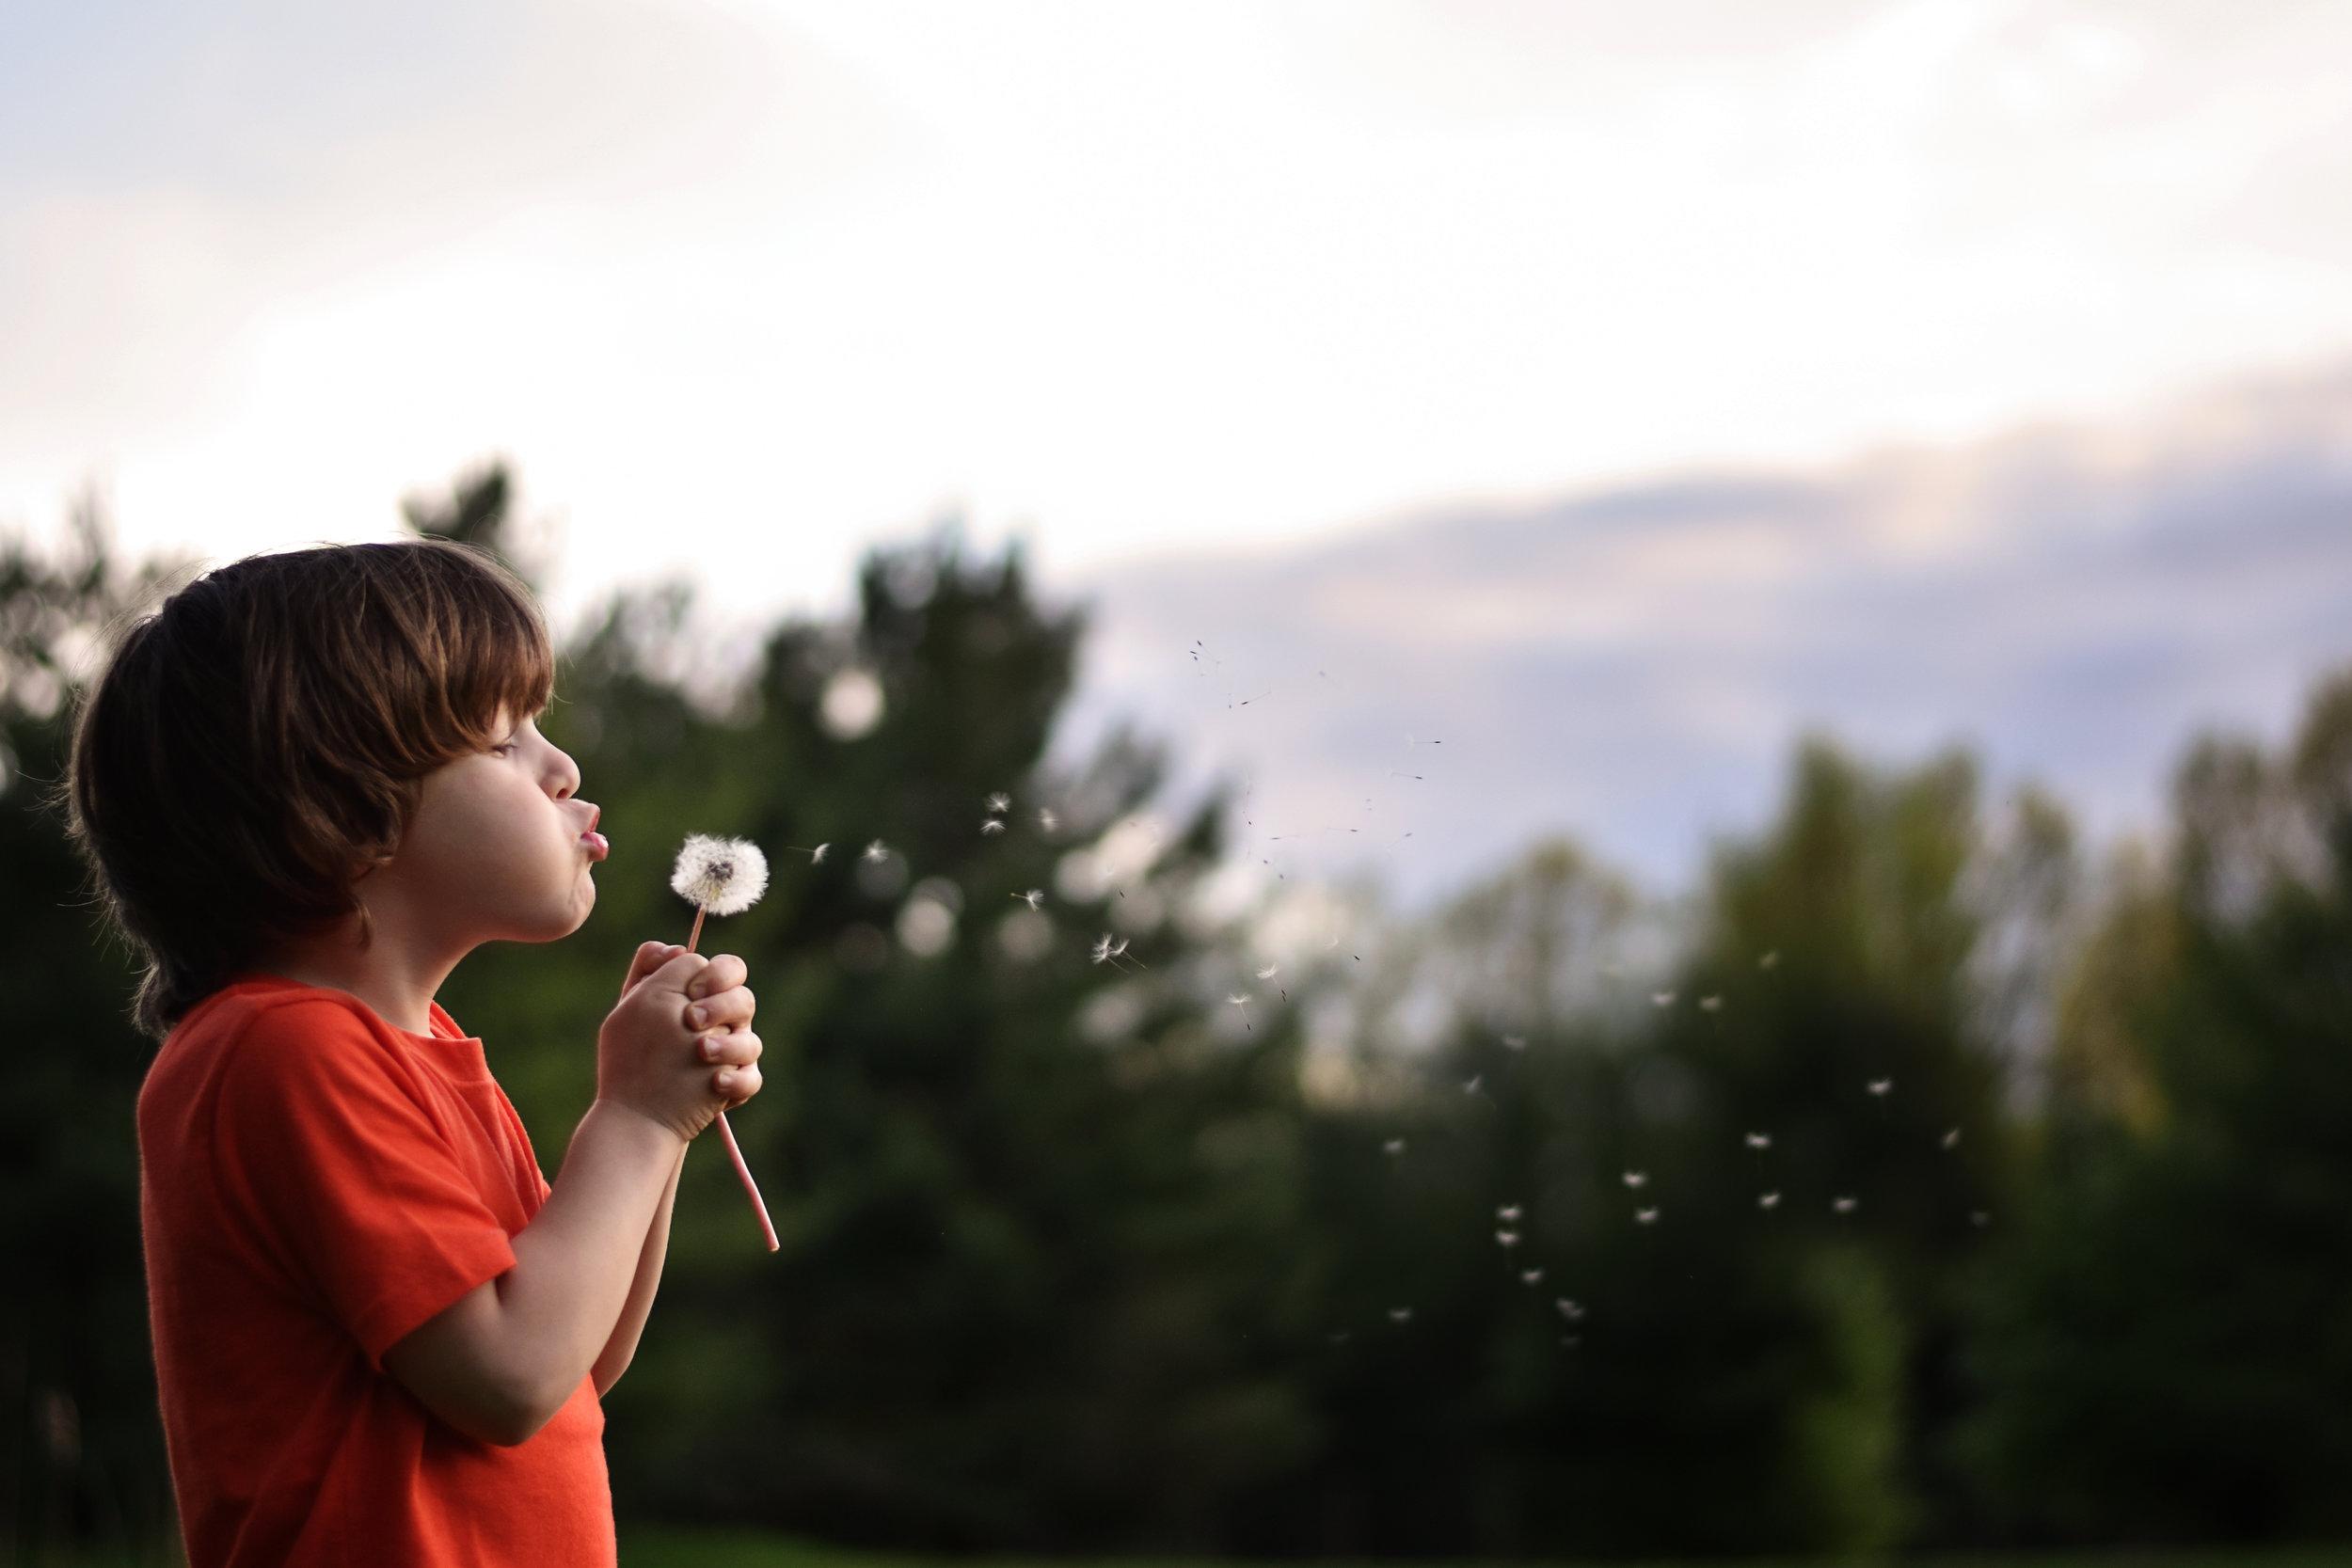 D5600 boy blowing dandelion fluff by kellie bieser.jpg